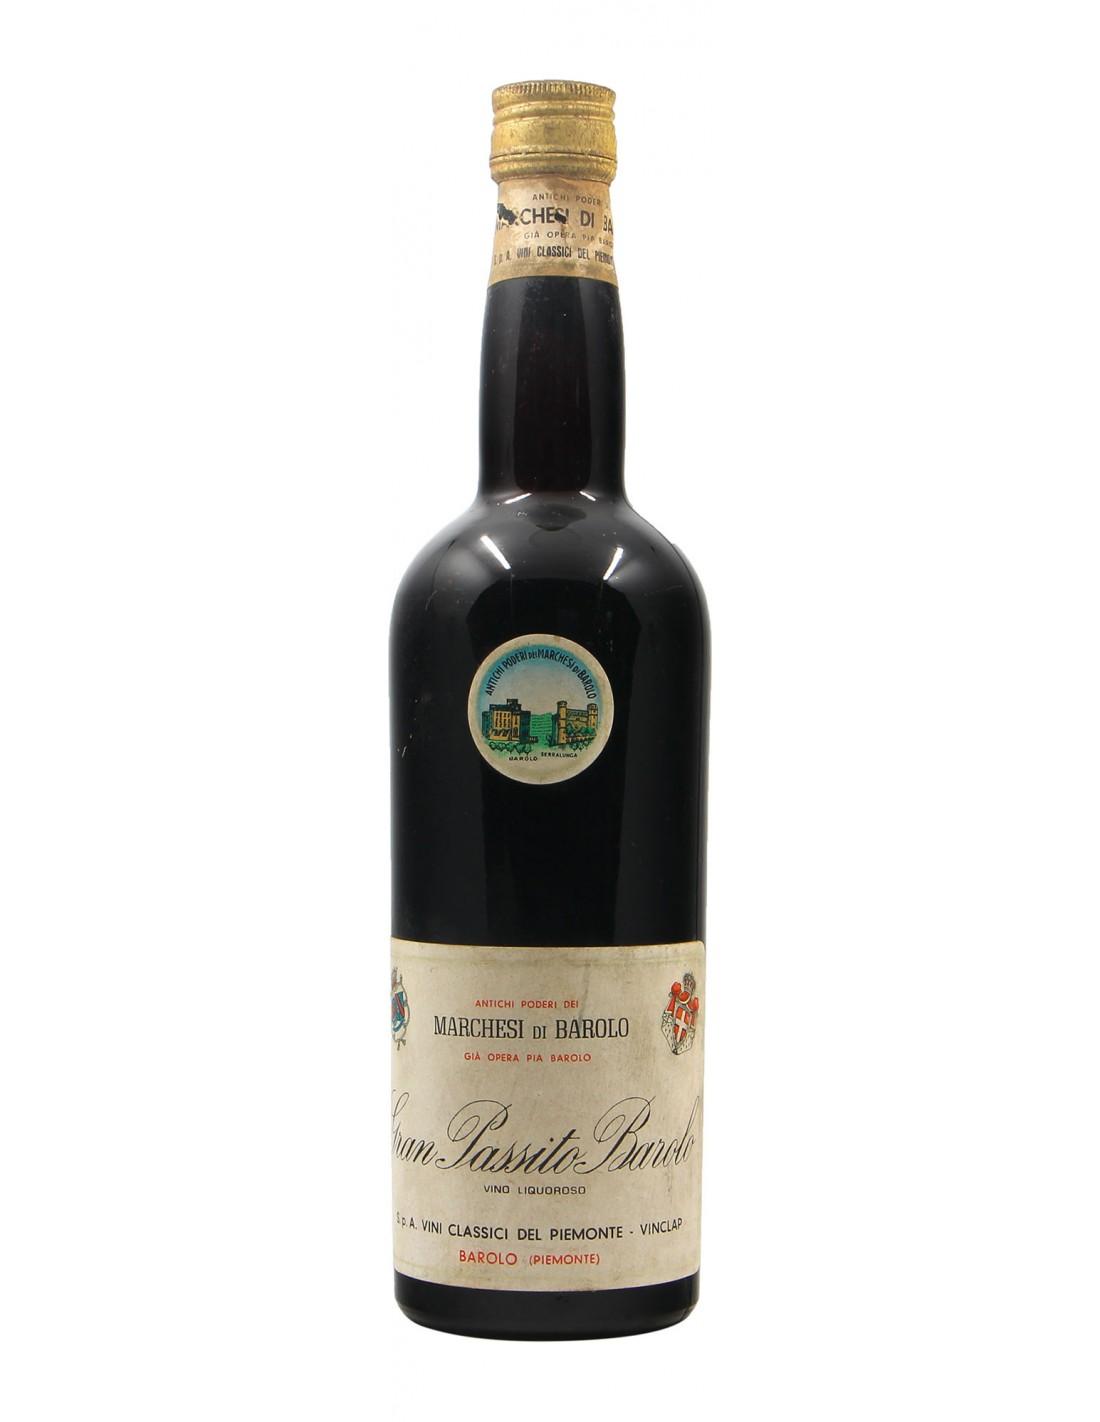 GRAN PASSITO BAROLO VINO LIQUOROSO NV MARCHESI DI BAROLO Grandi Bottiglie